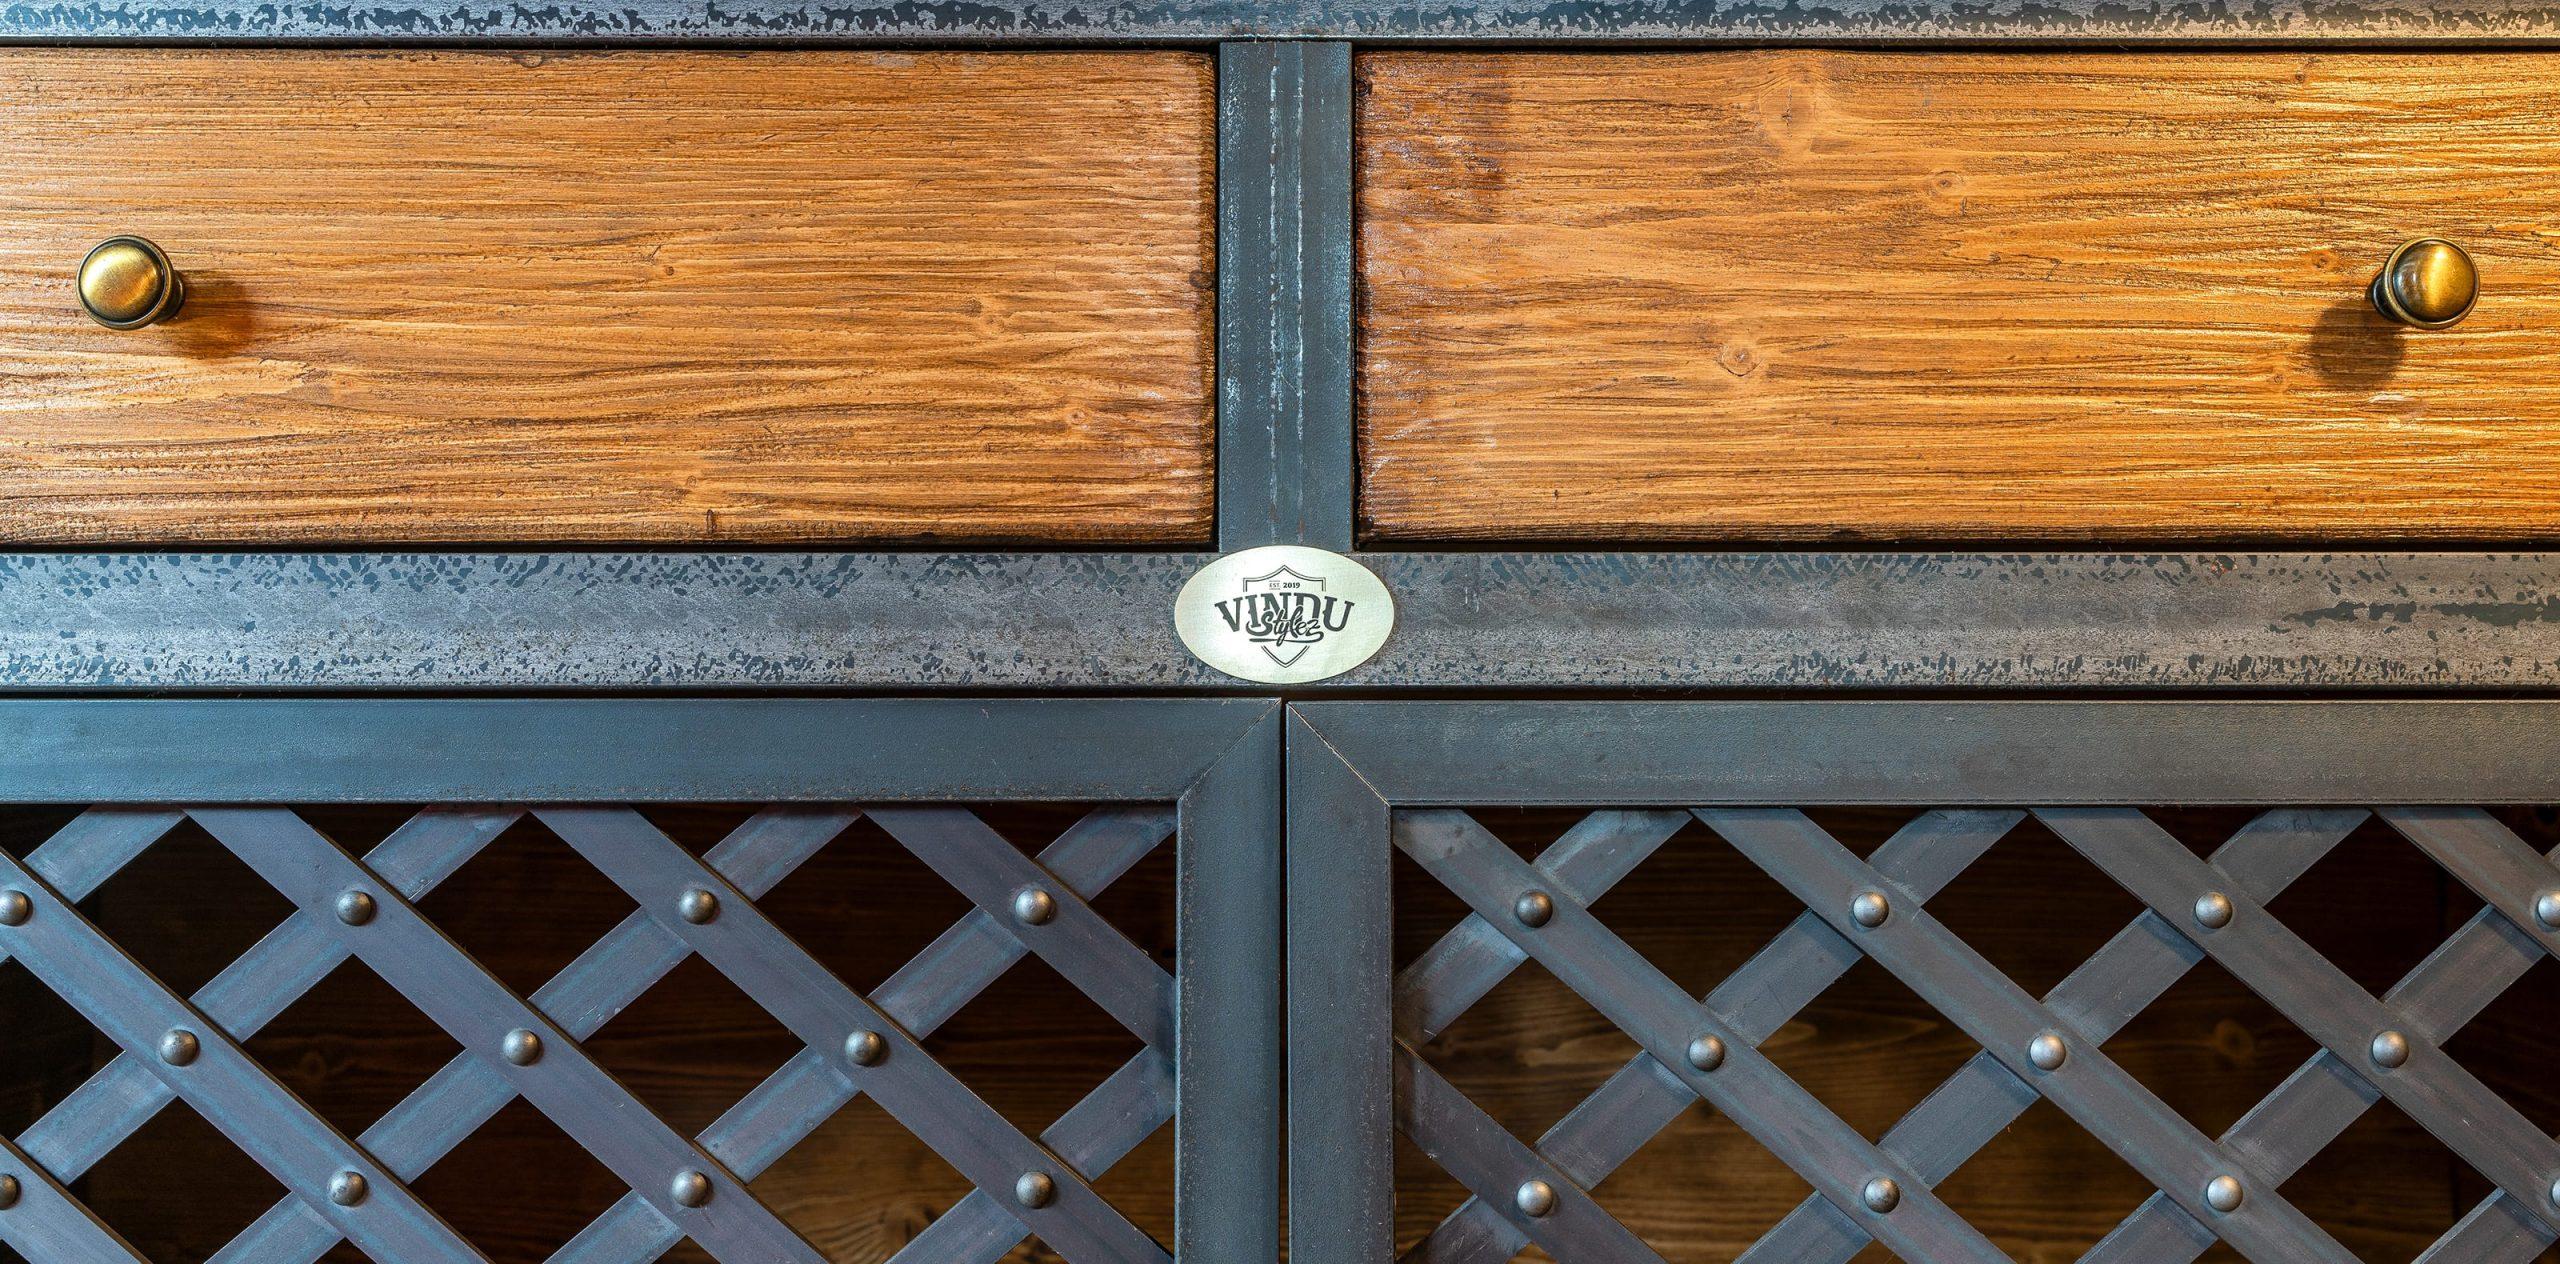 VINDU-Stylez, Komode privat   Industrial & Vintage   Möbeldesign   Polling, Tirol, Österreich   MSC Fabian Knes